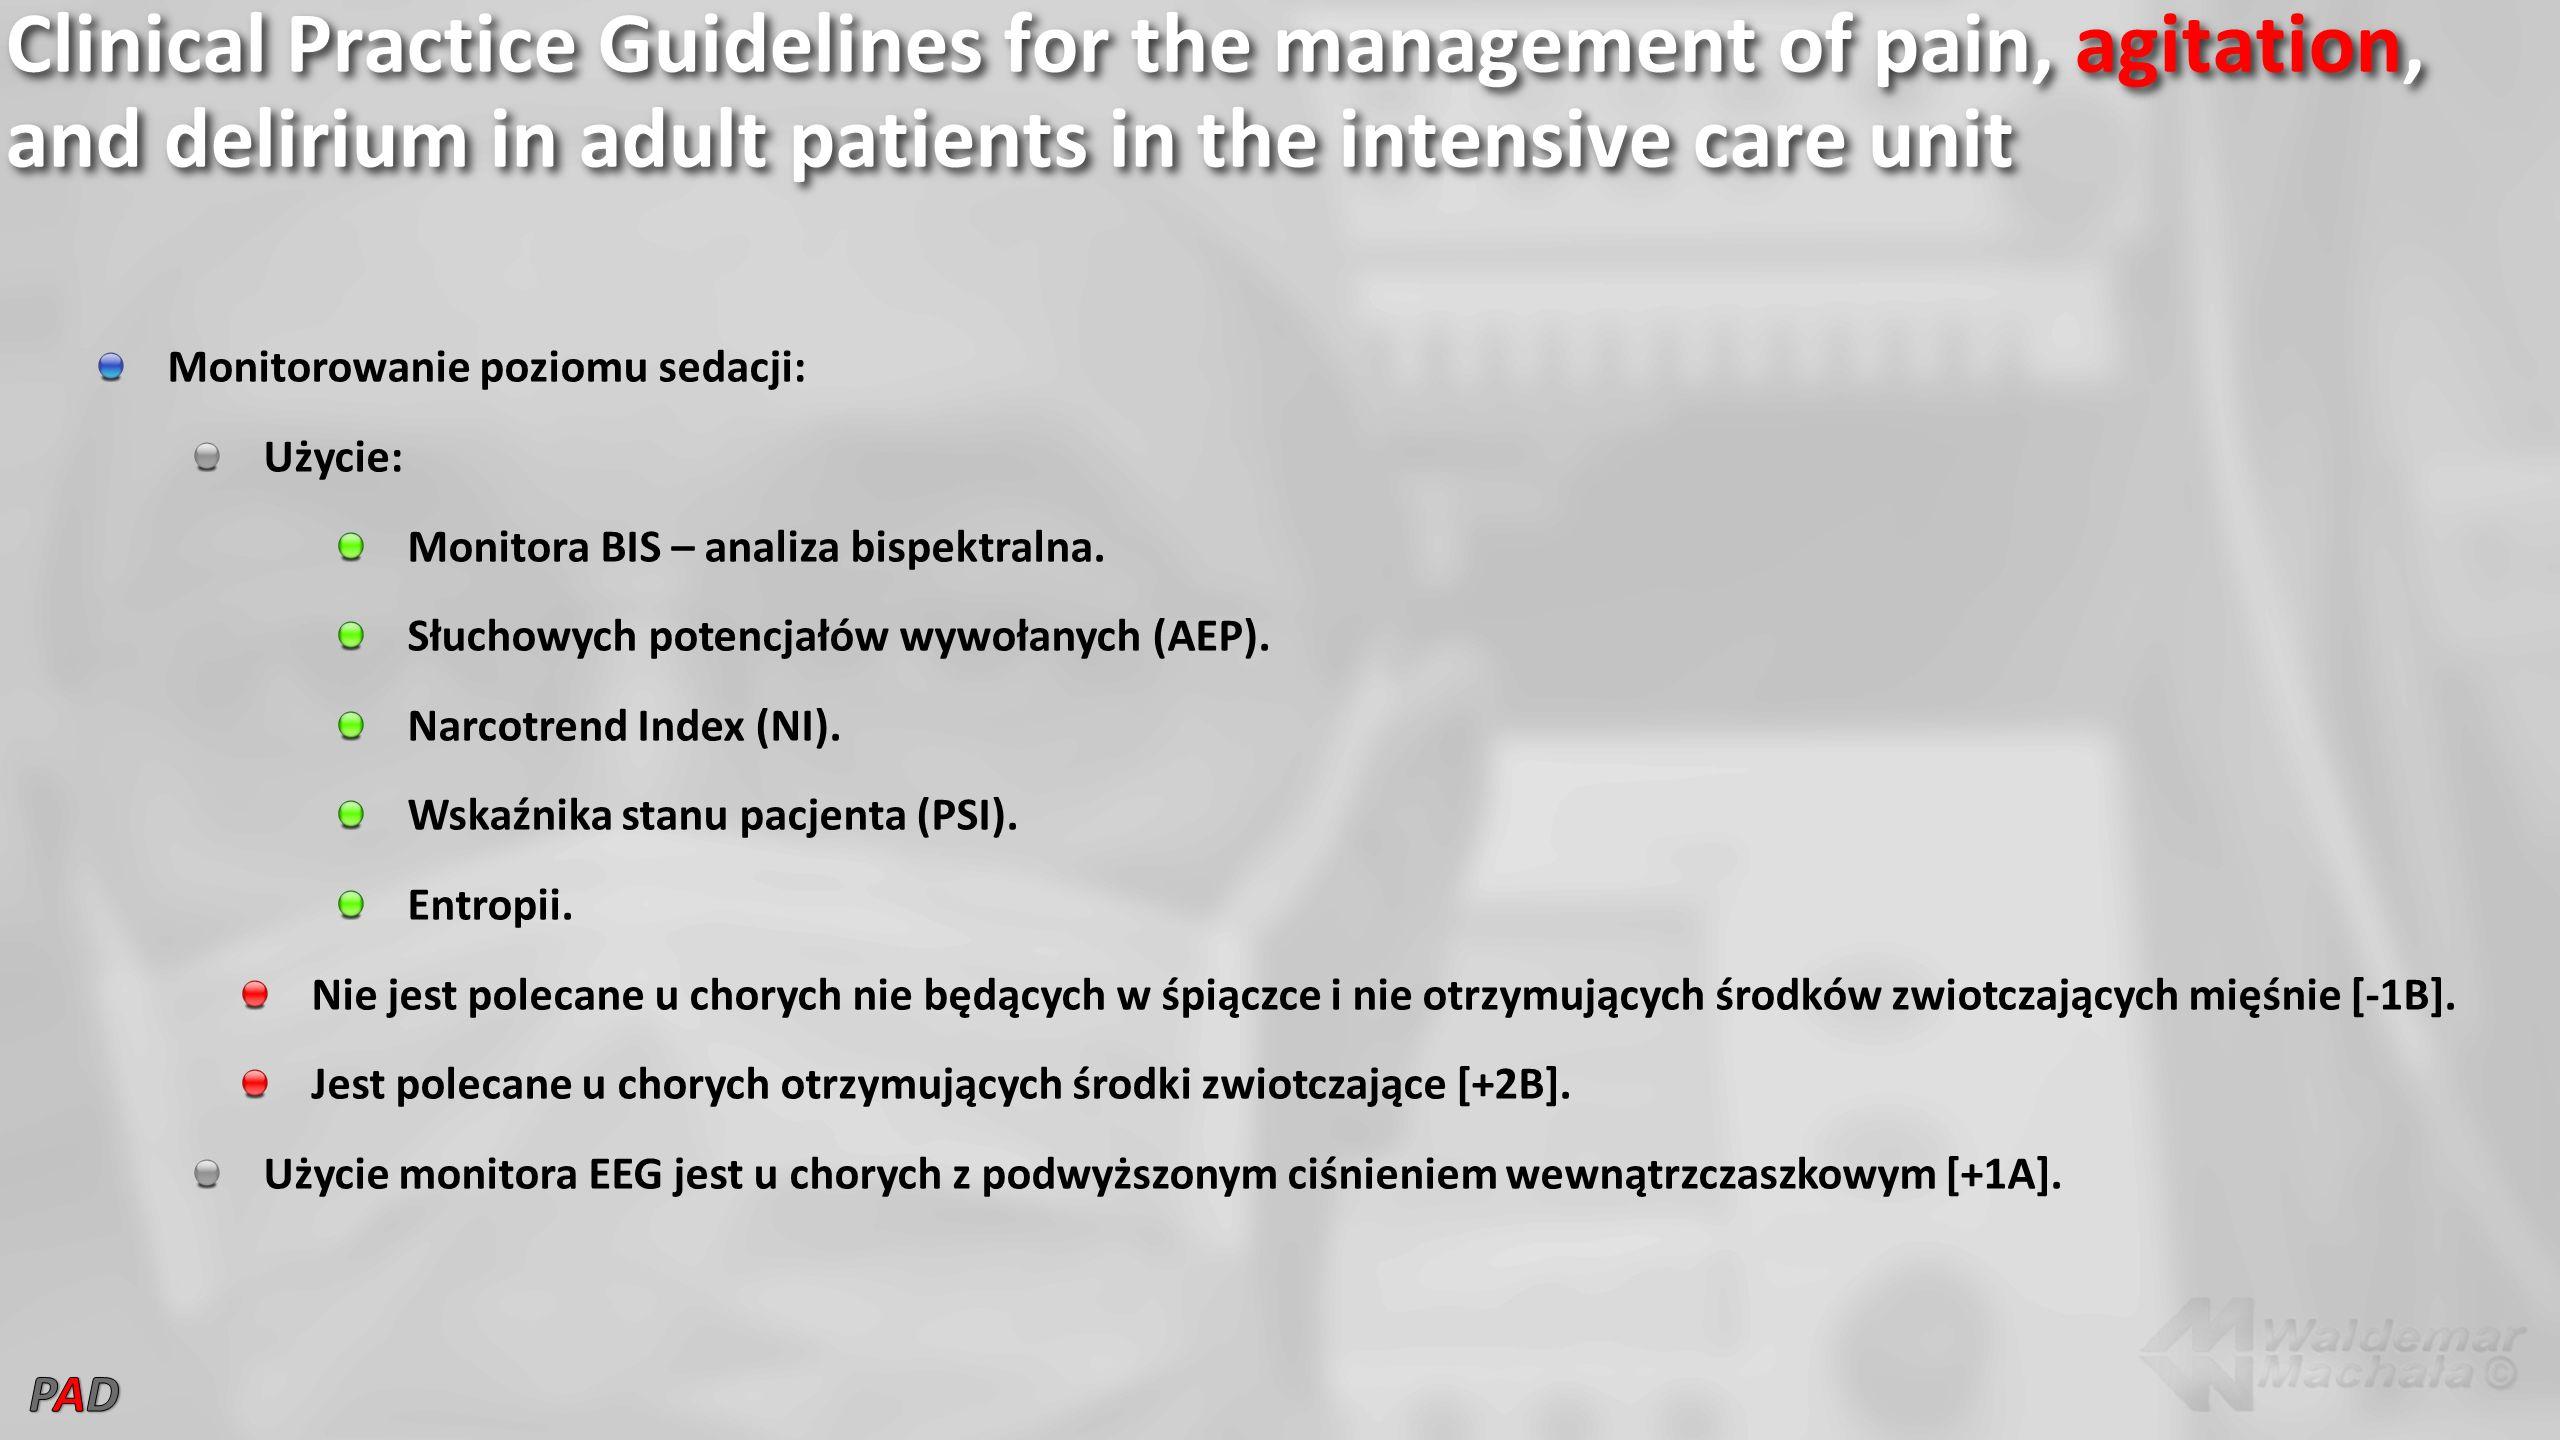 Monitorowanie poziomu sedacji: Użycie: Monitora BIS – analiza bispektralna. Słuchowych potencjałów wywołanych (AEP). Narcotrend Index (NI). Wskaźnika